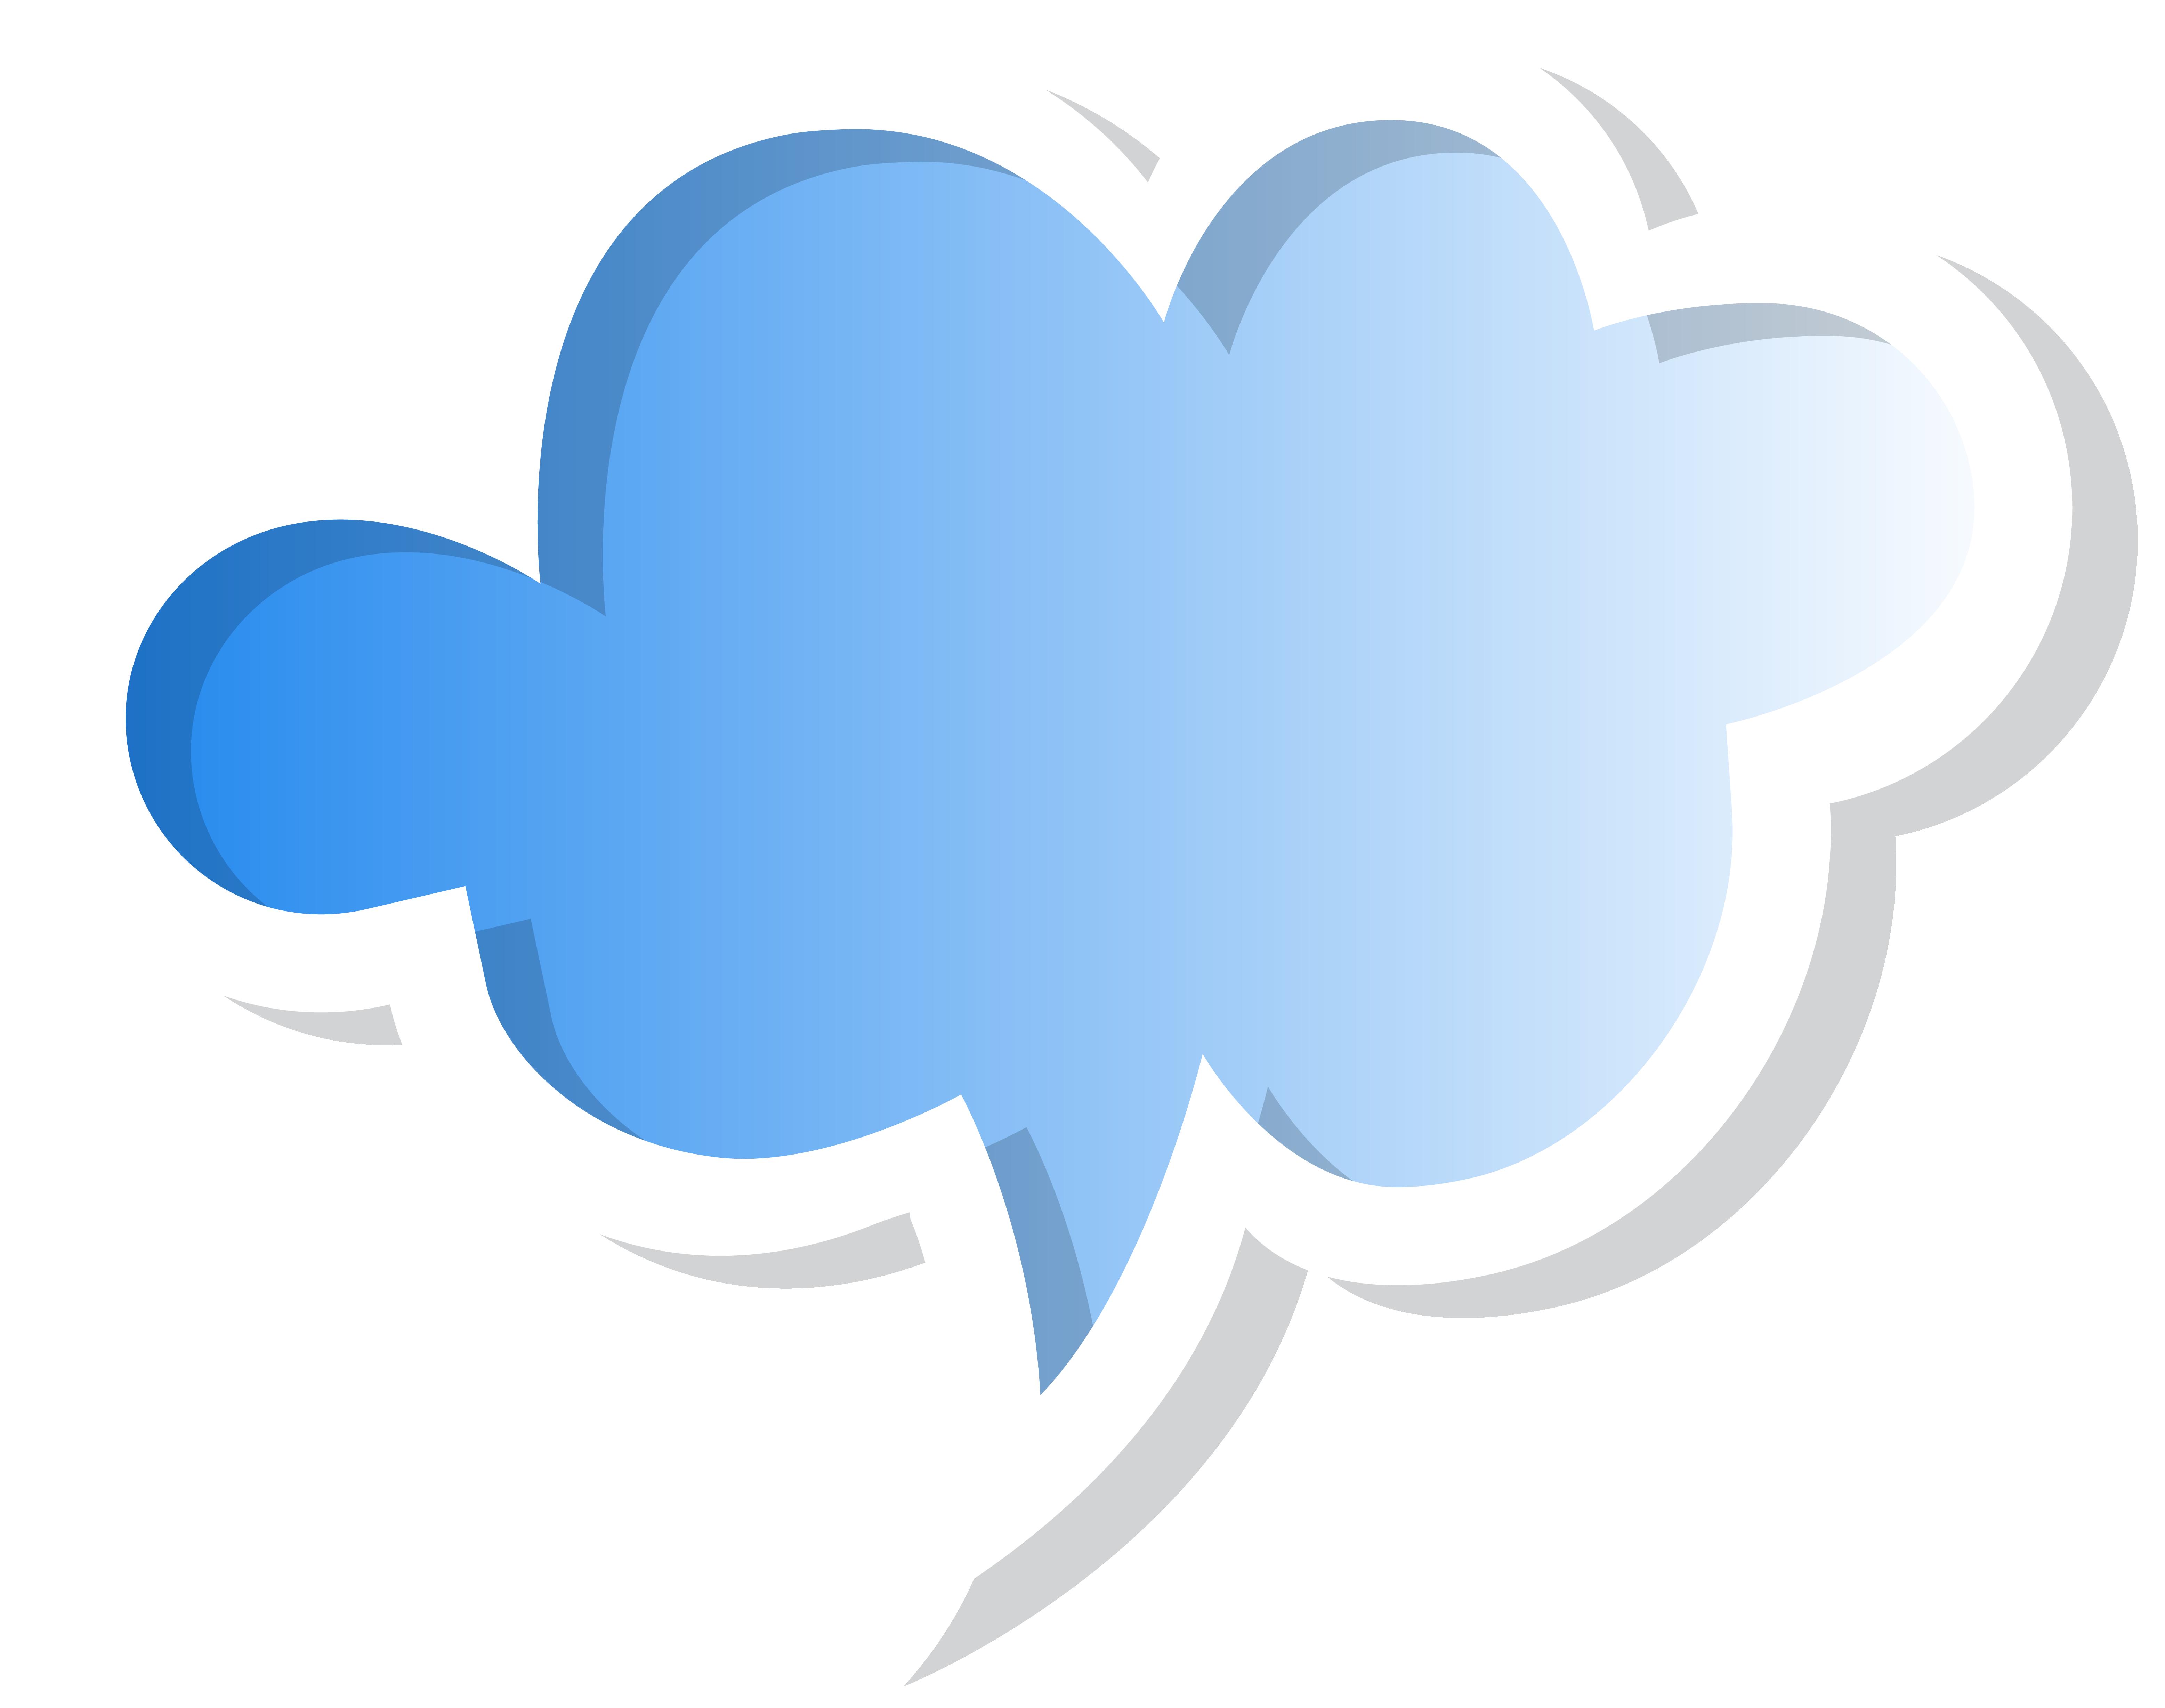 Speech bubble blue png. Hearts clipart cloud